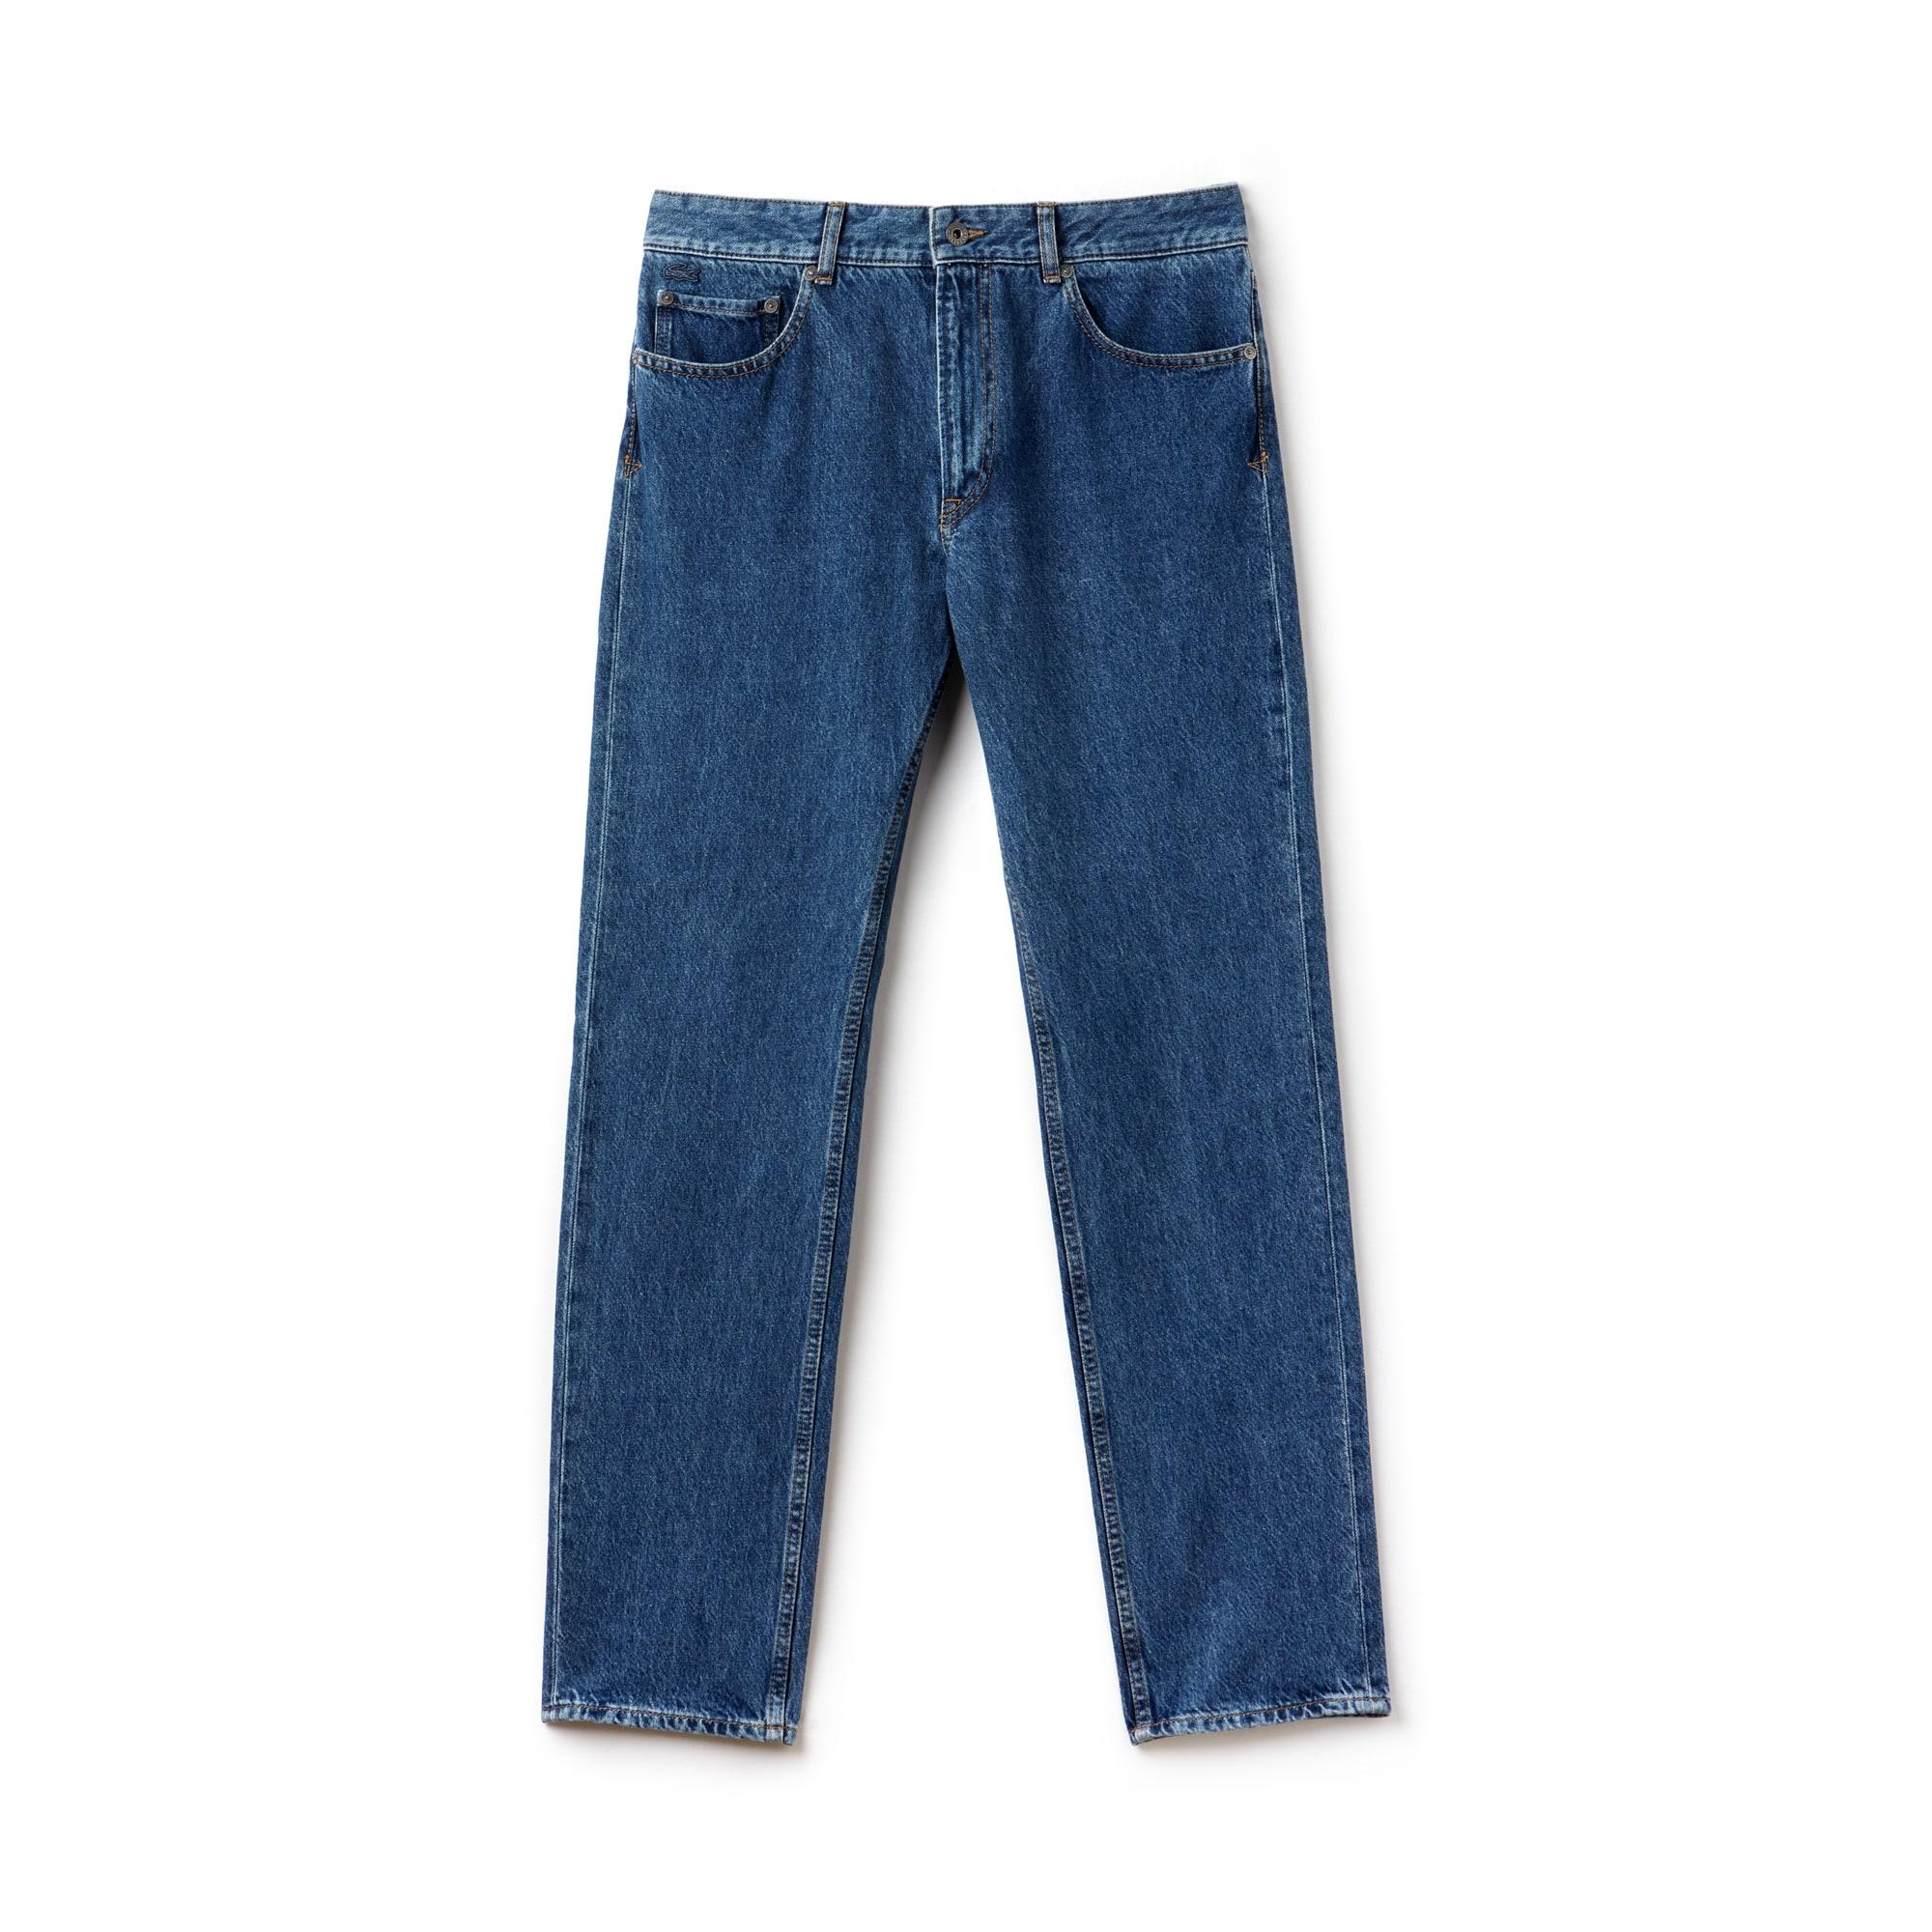 Jeans 5 tasche regular fit in denim di cotone